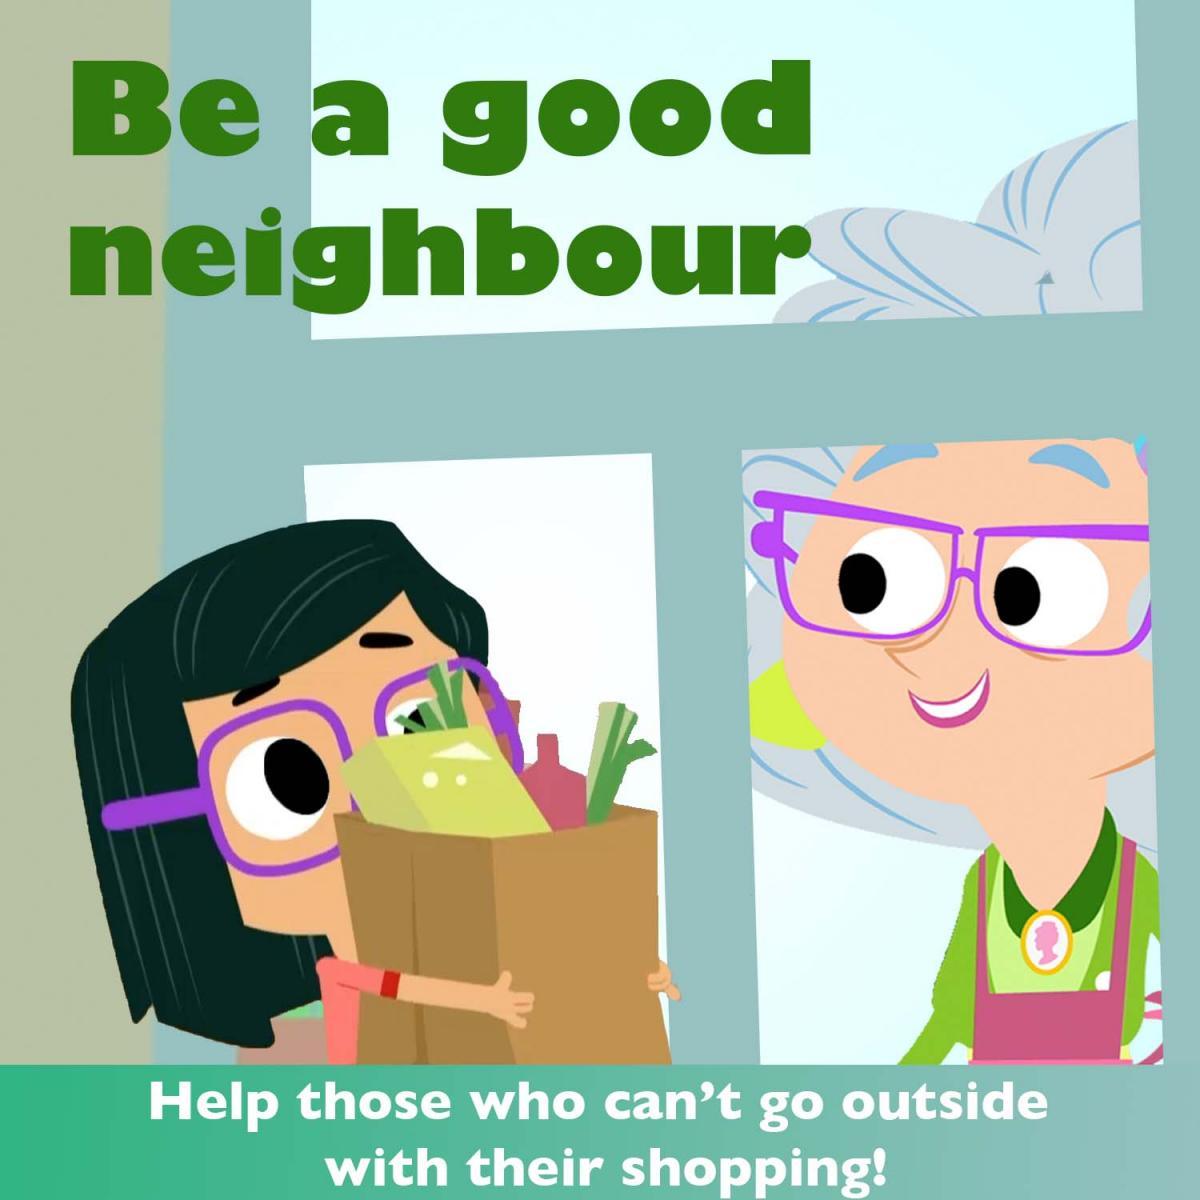 Be a good neighbour